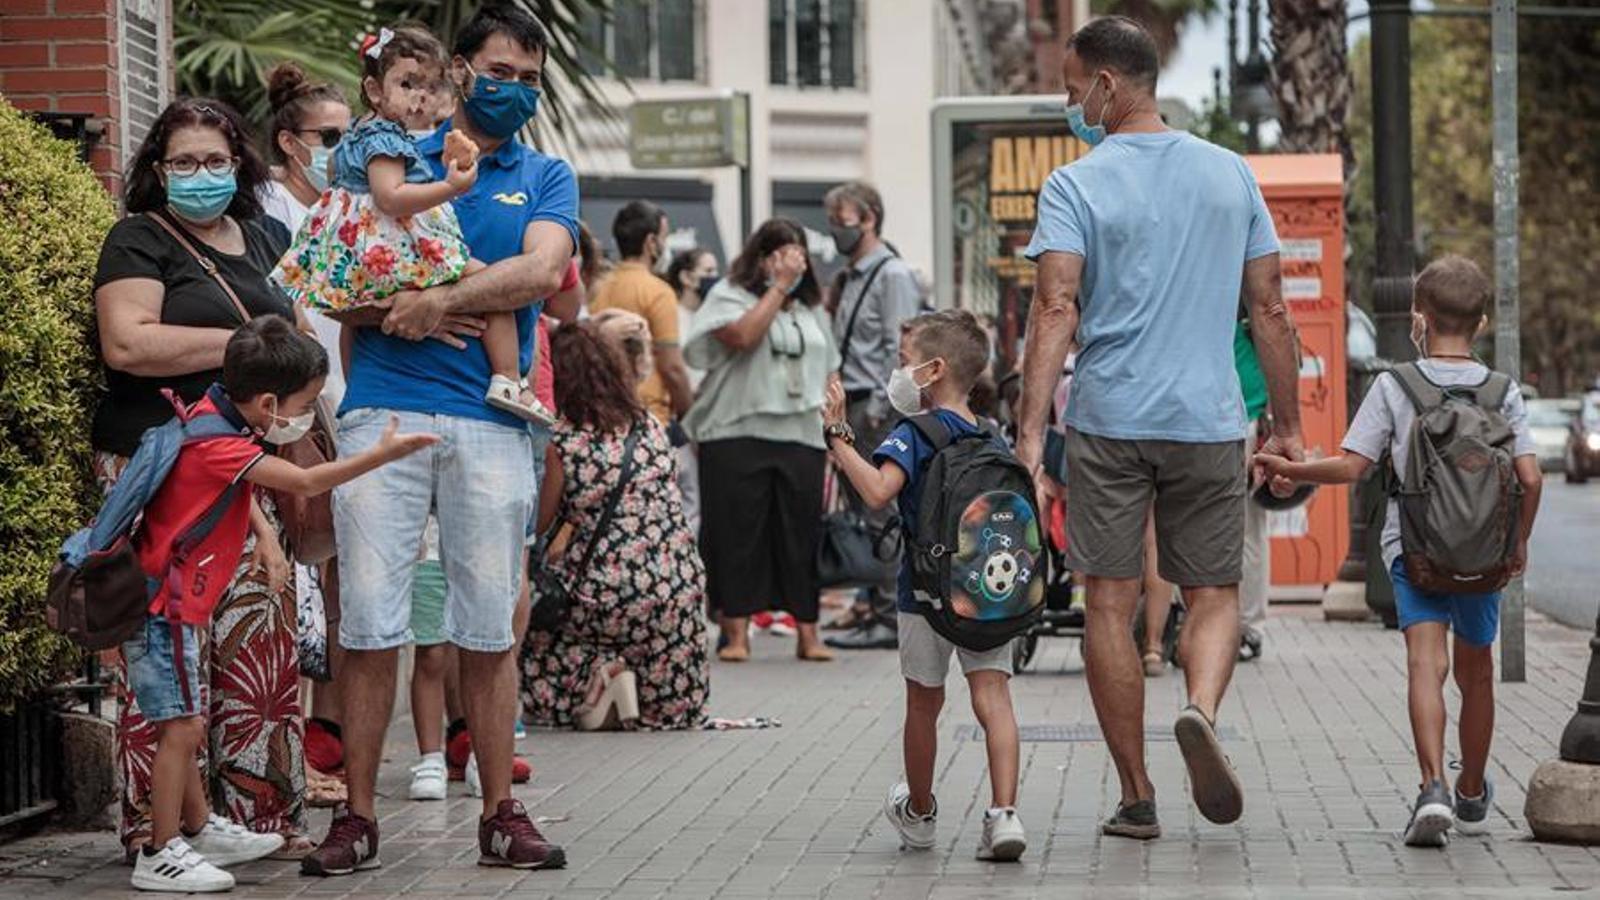 """Pares i mares fan cua enfront del col·legi Jesús i María de València a l'espera de poder deixar als seus fills durant el primer dia de classe per a 794.243 alumnes i 4.374 professors de 1.425 centres públics i 420 concertats de la Comunitat Valenciana en un """"excepcional"""" inici de curs, marcat per les mesures sanitàries que imposa la pandèmia de coronavirus i la incertesa del seu impacte i evolució. EFE/Biel Aliño"""